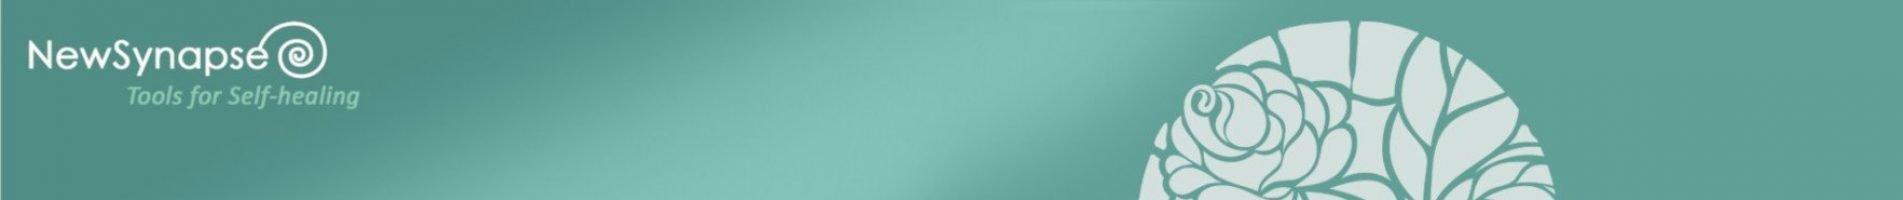 cropped-header-green-200h-homepage3-1.jpg